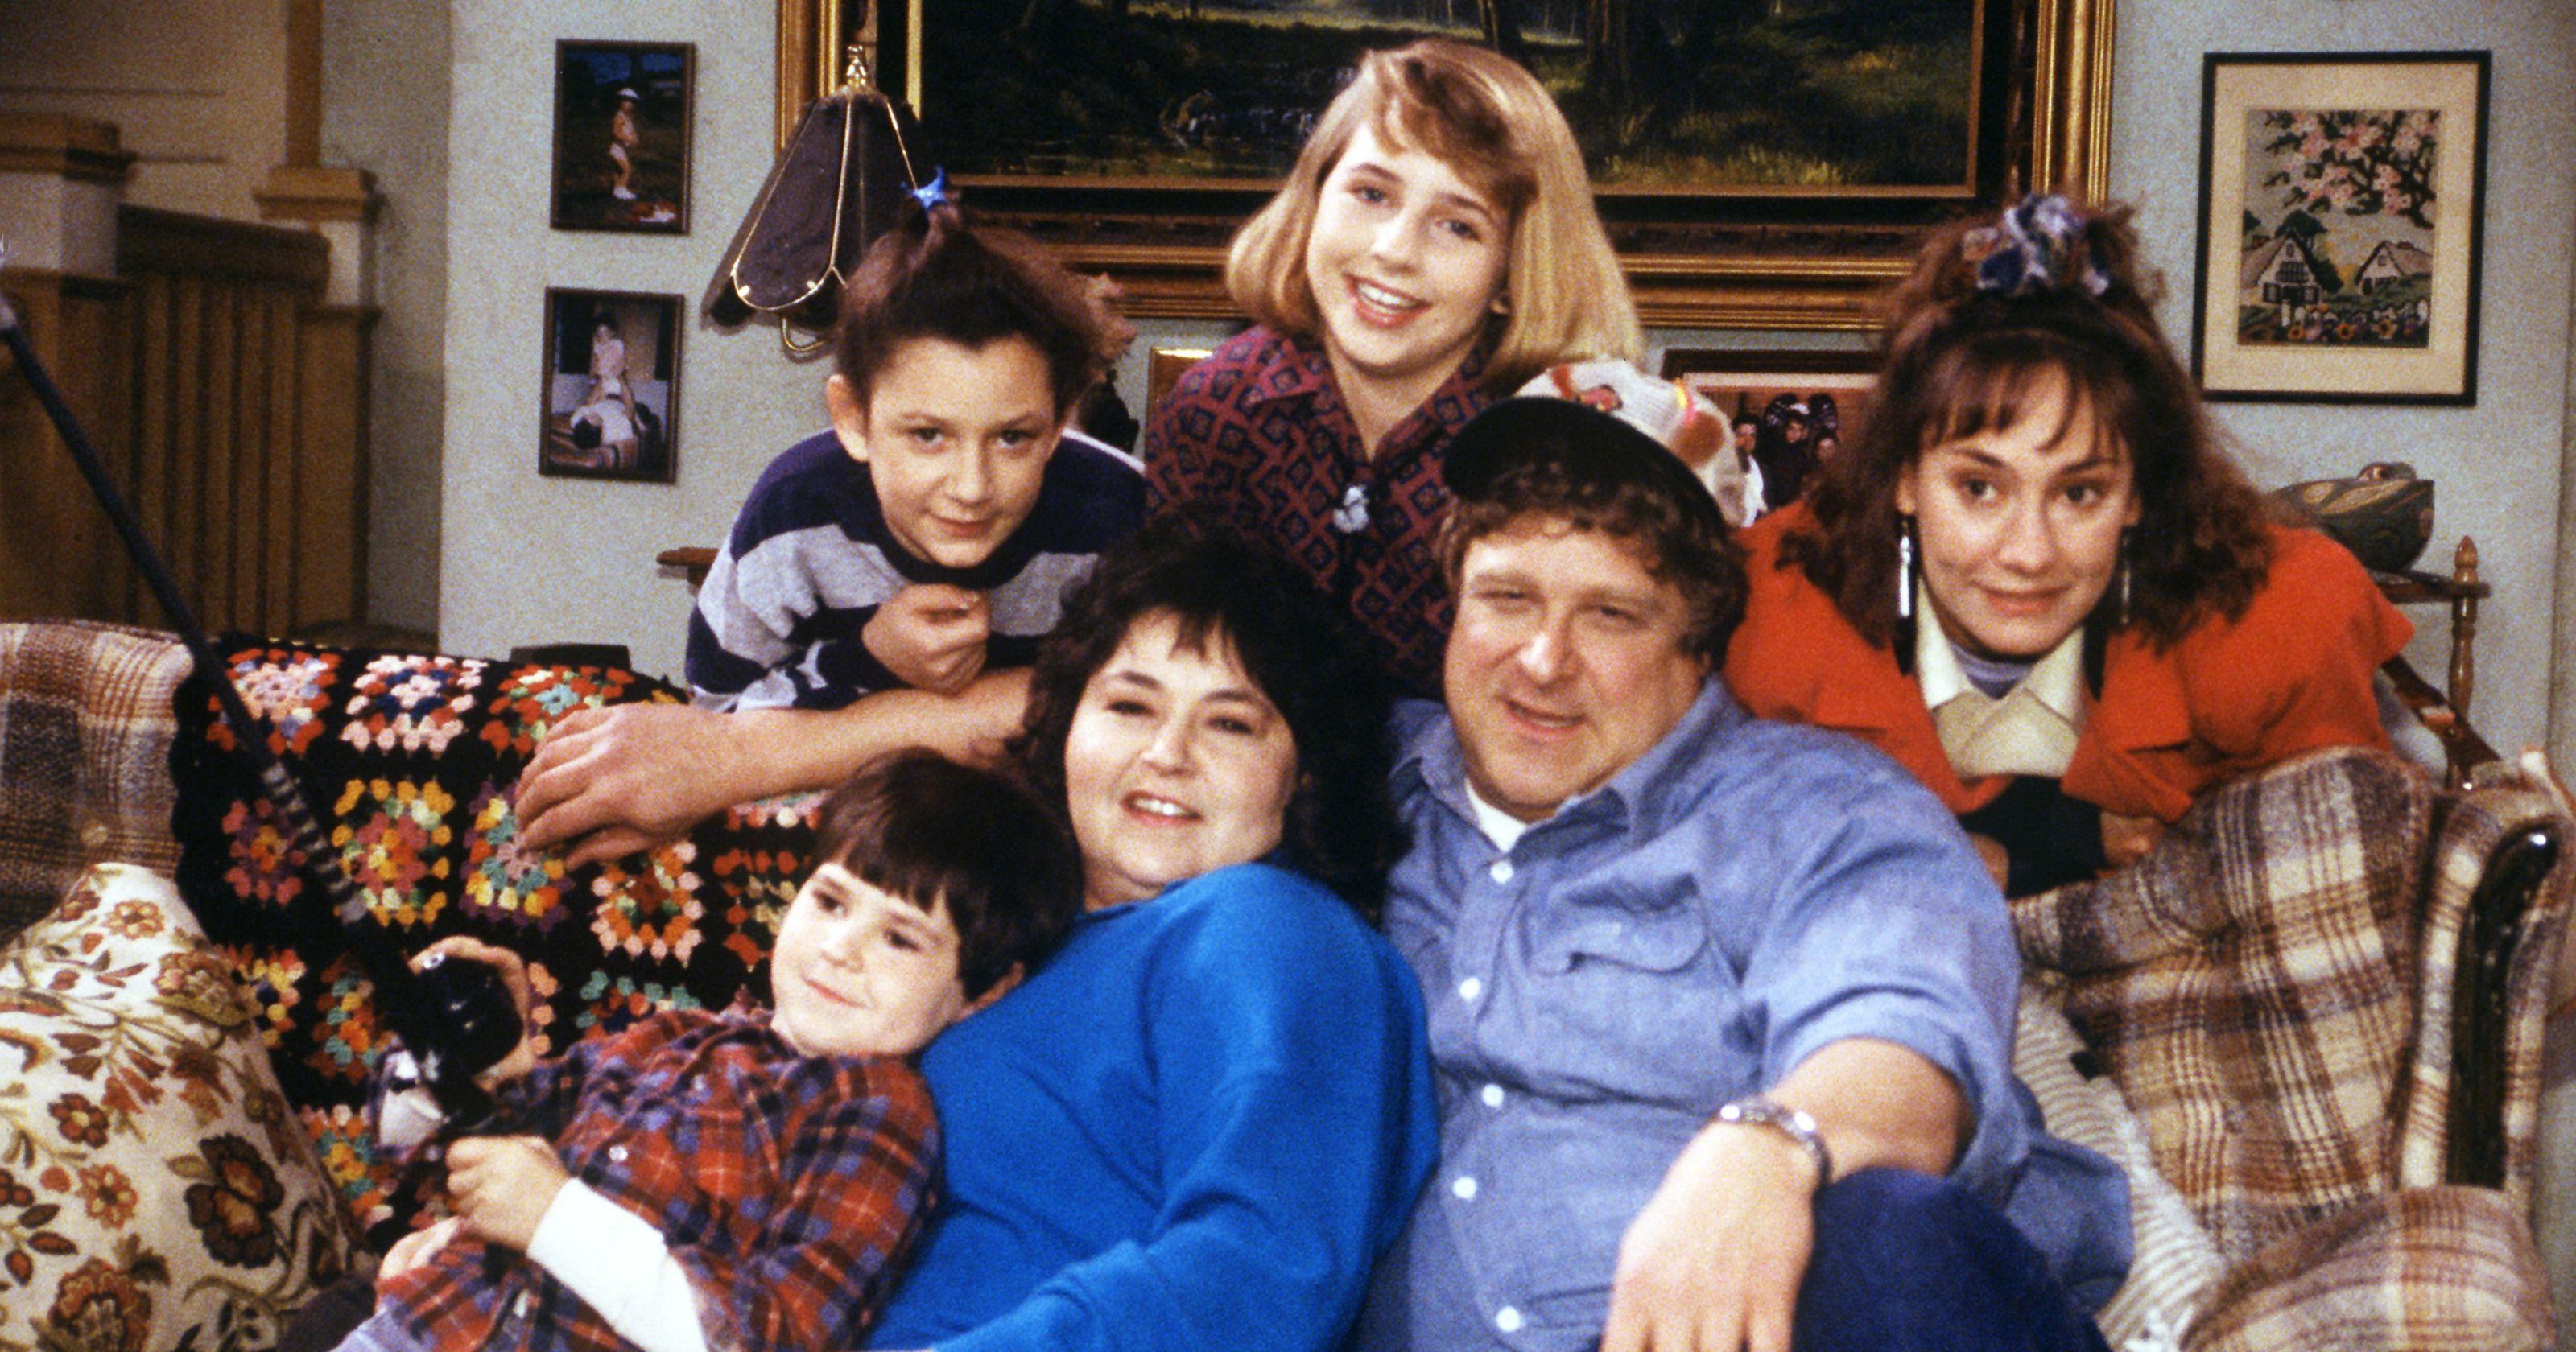 Znalezione obrazy dla zapytania roseanne family